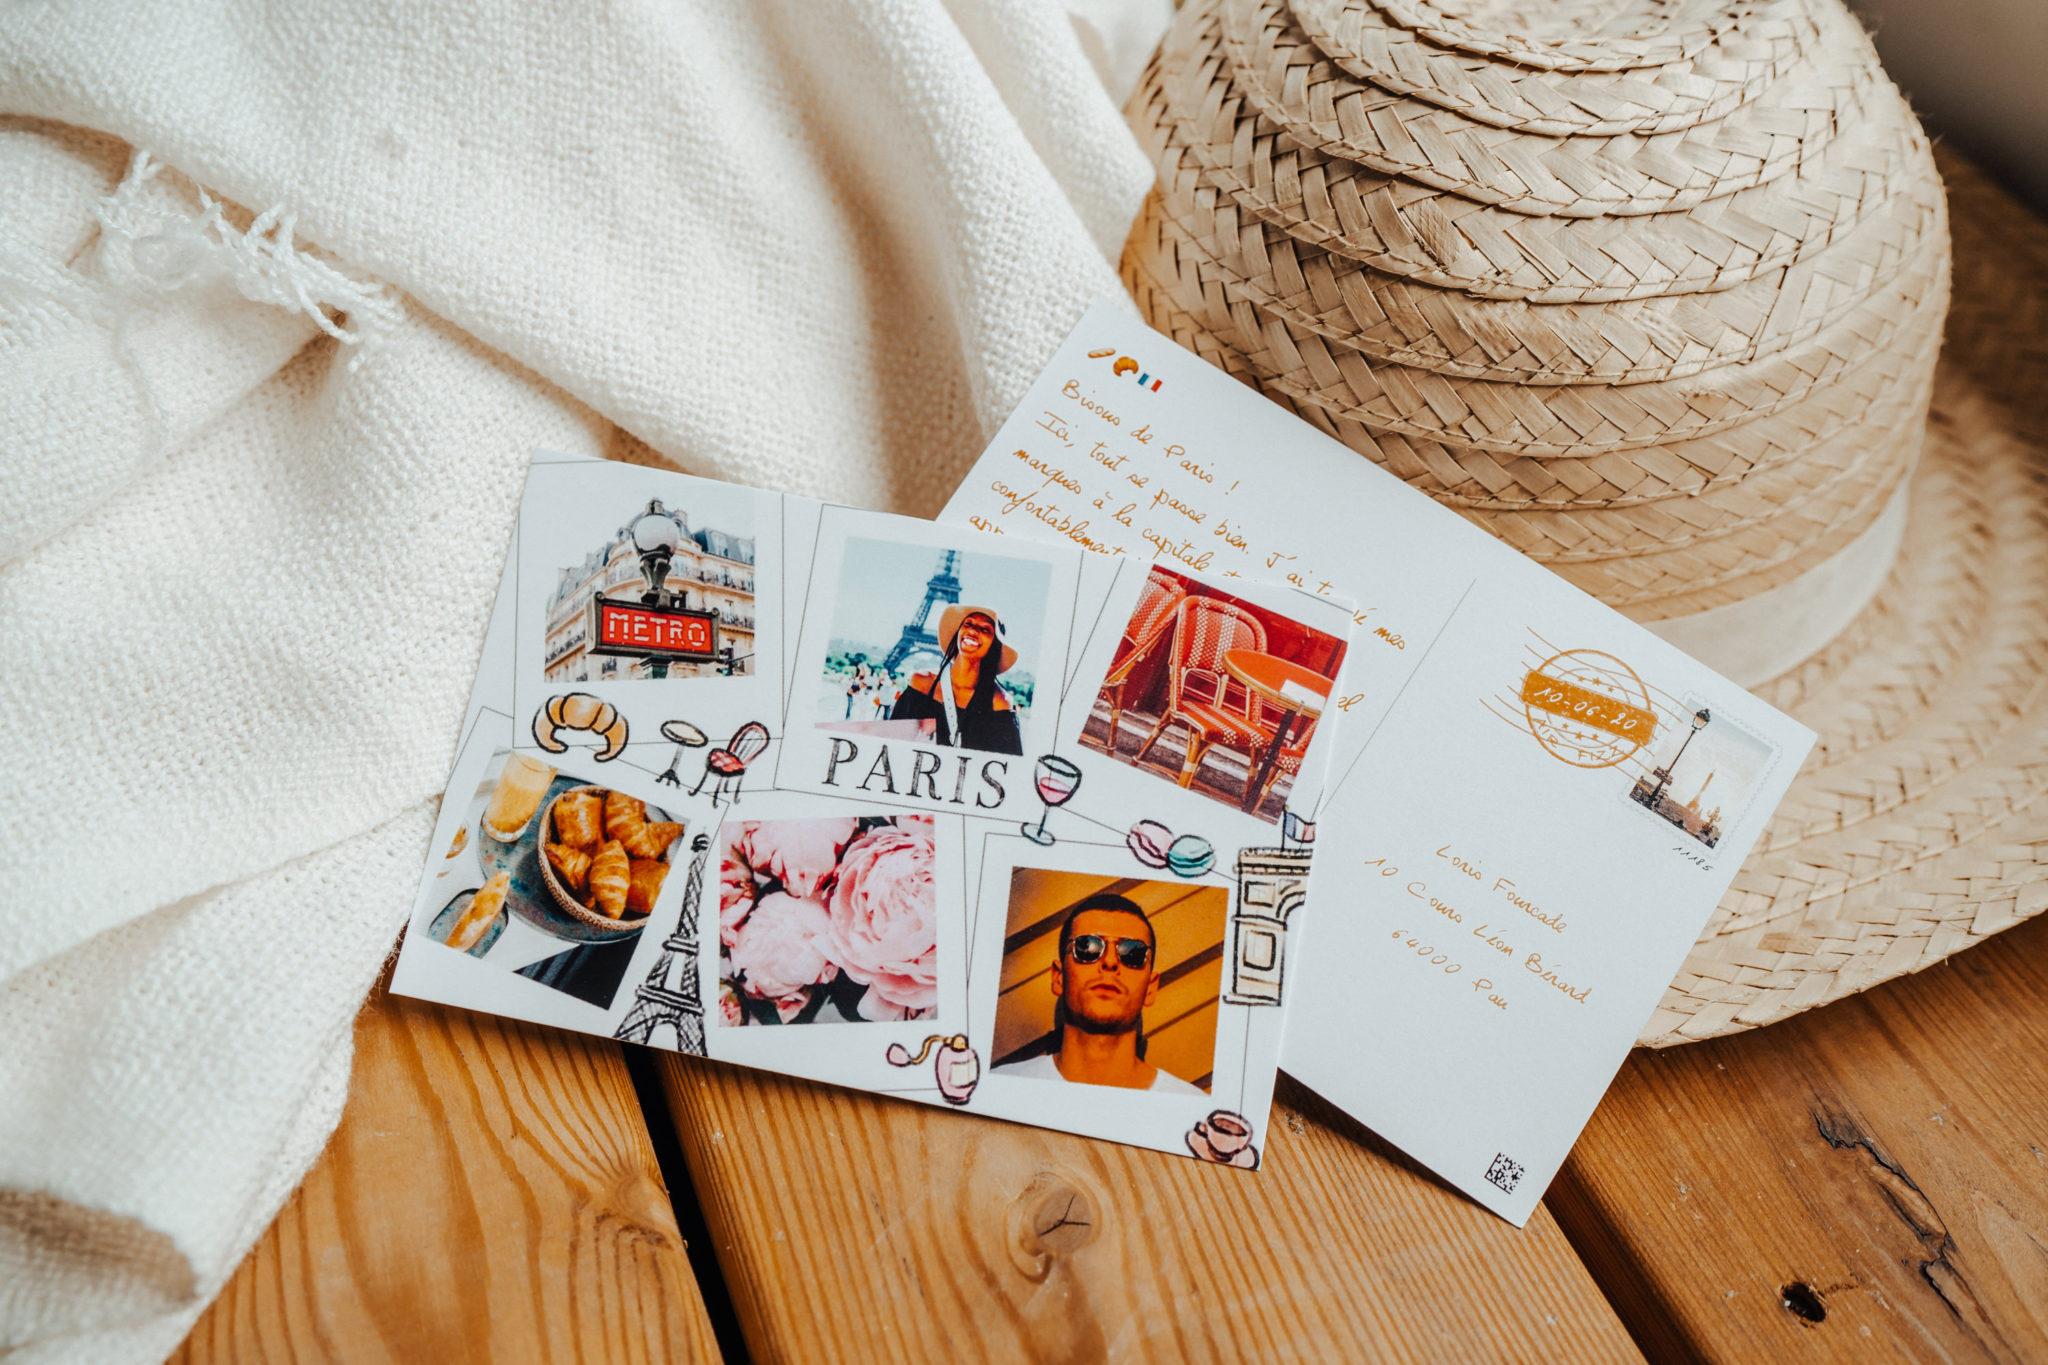 carte postale paris vacances ete